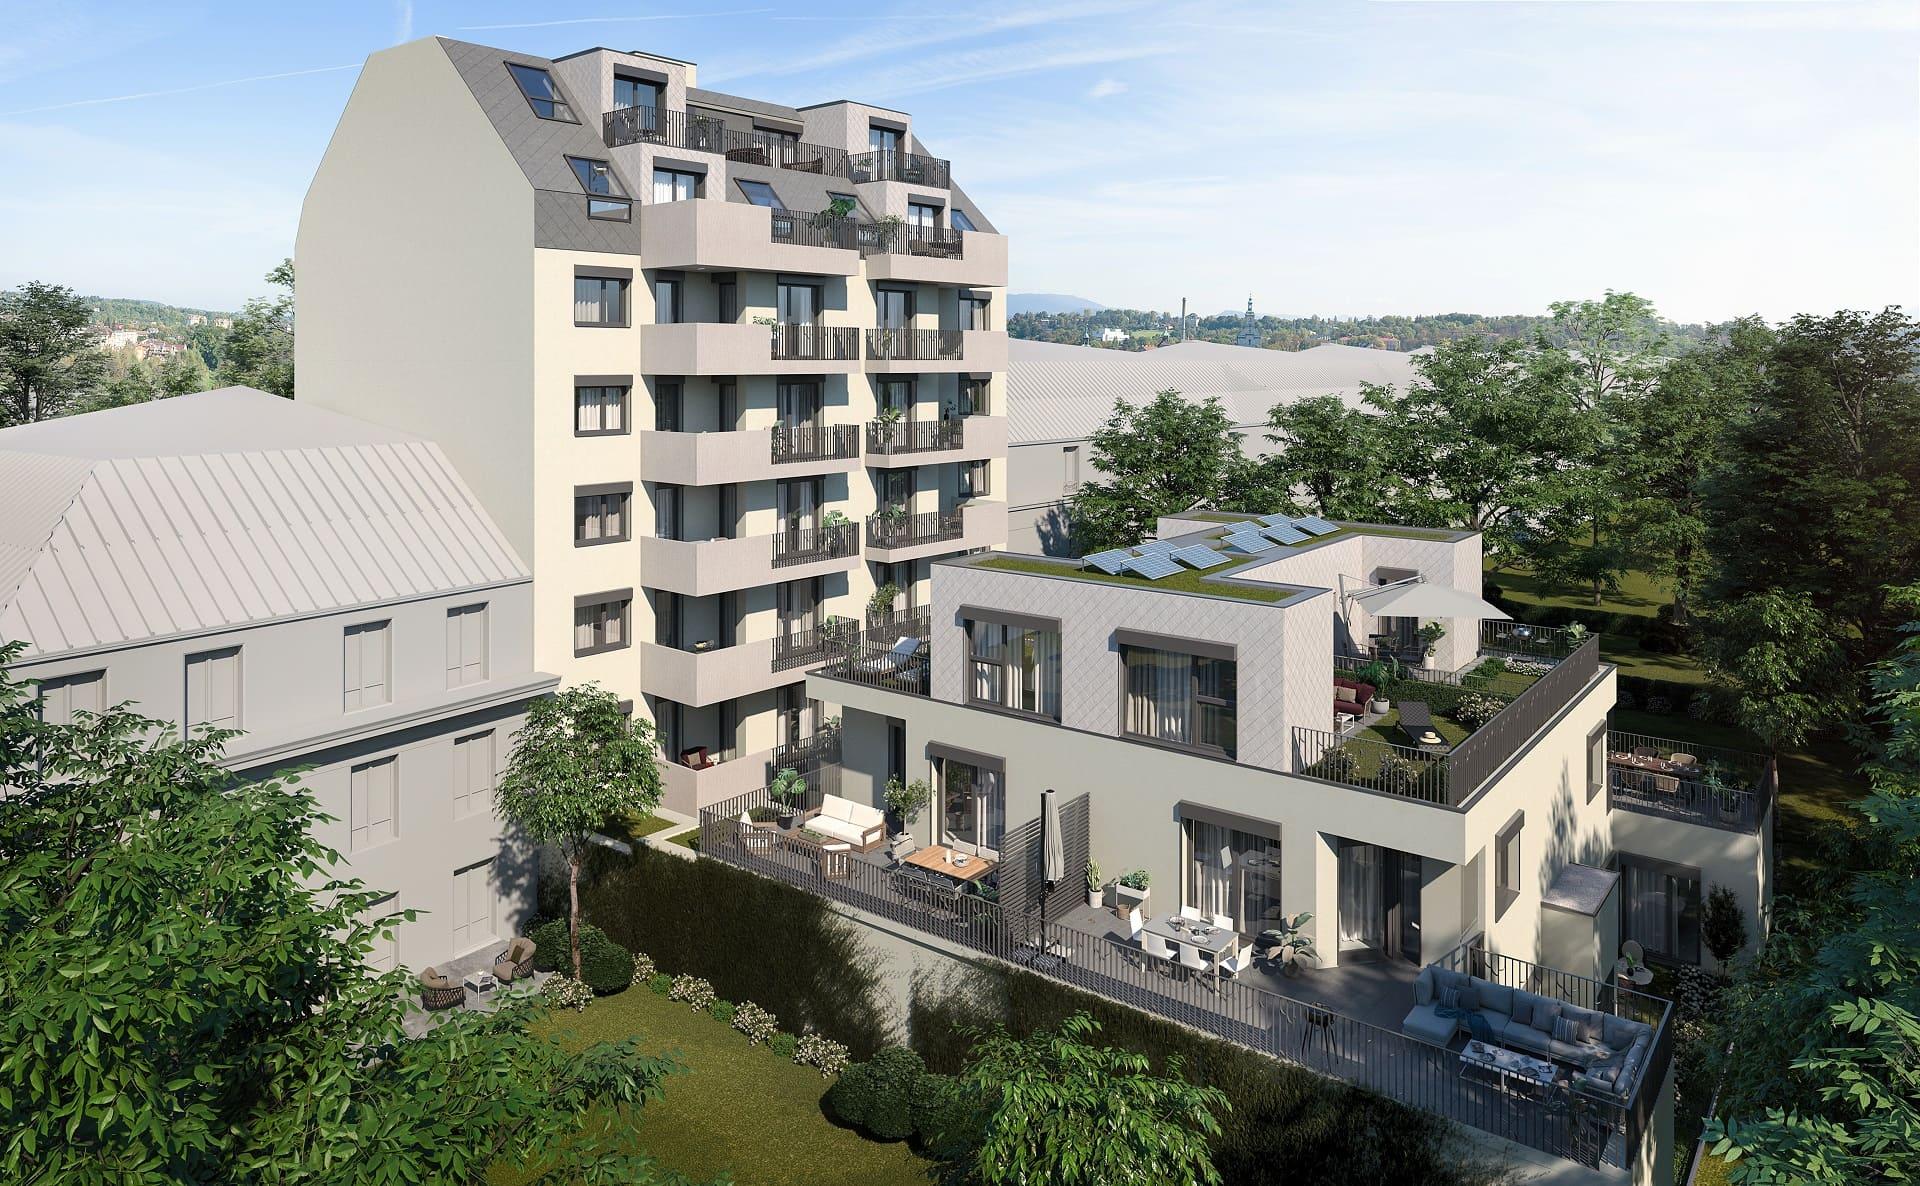 Baustart für zwei Dutzend Wohnungen in Penzing